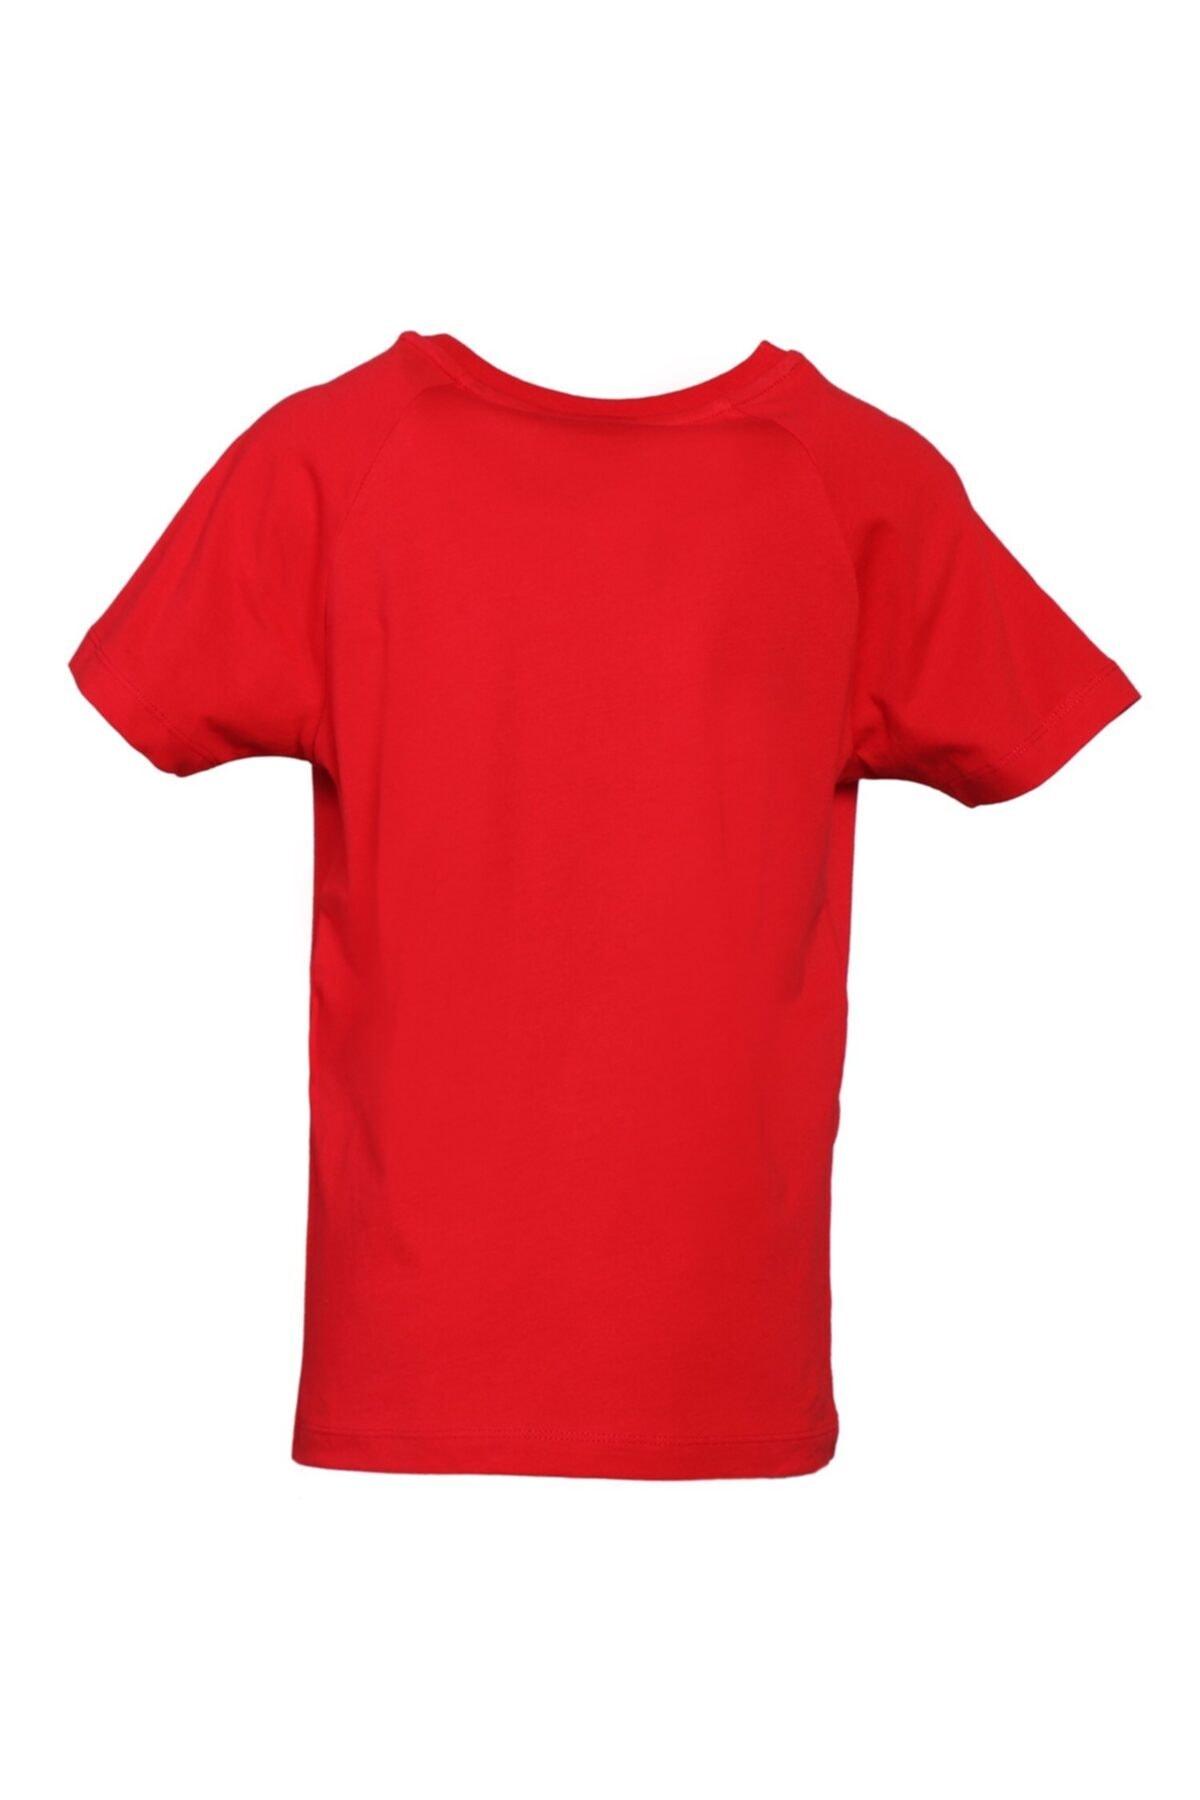 HUMMEL Çocuk Kırmızı T-shirt 2